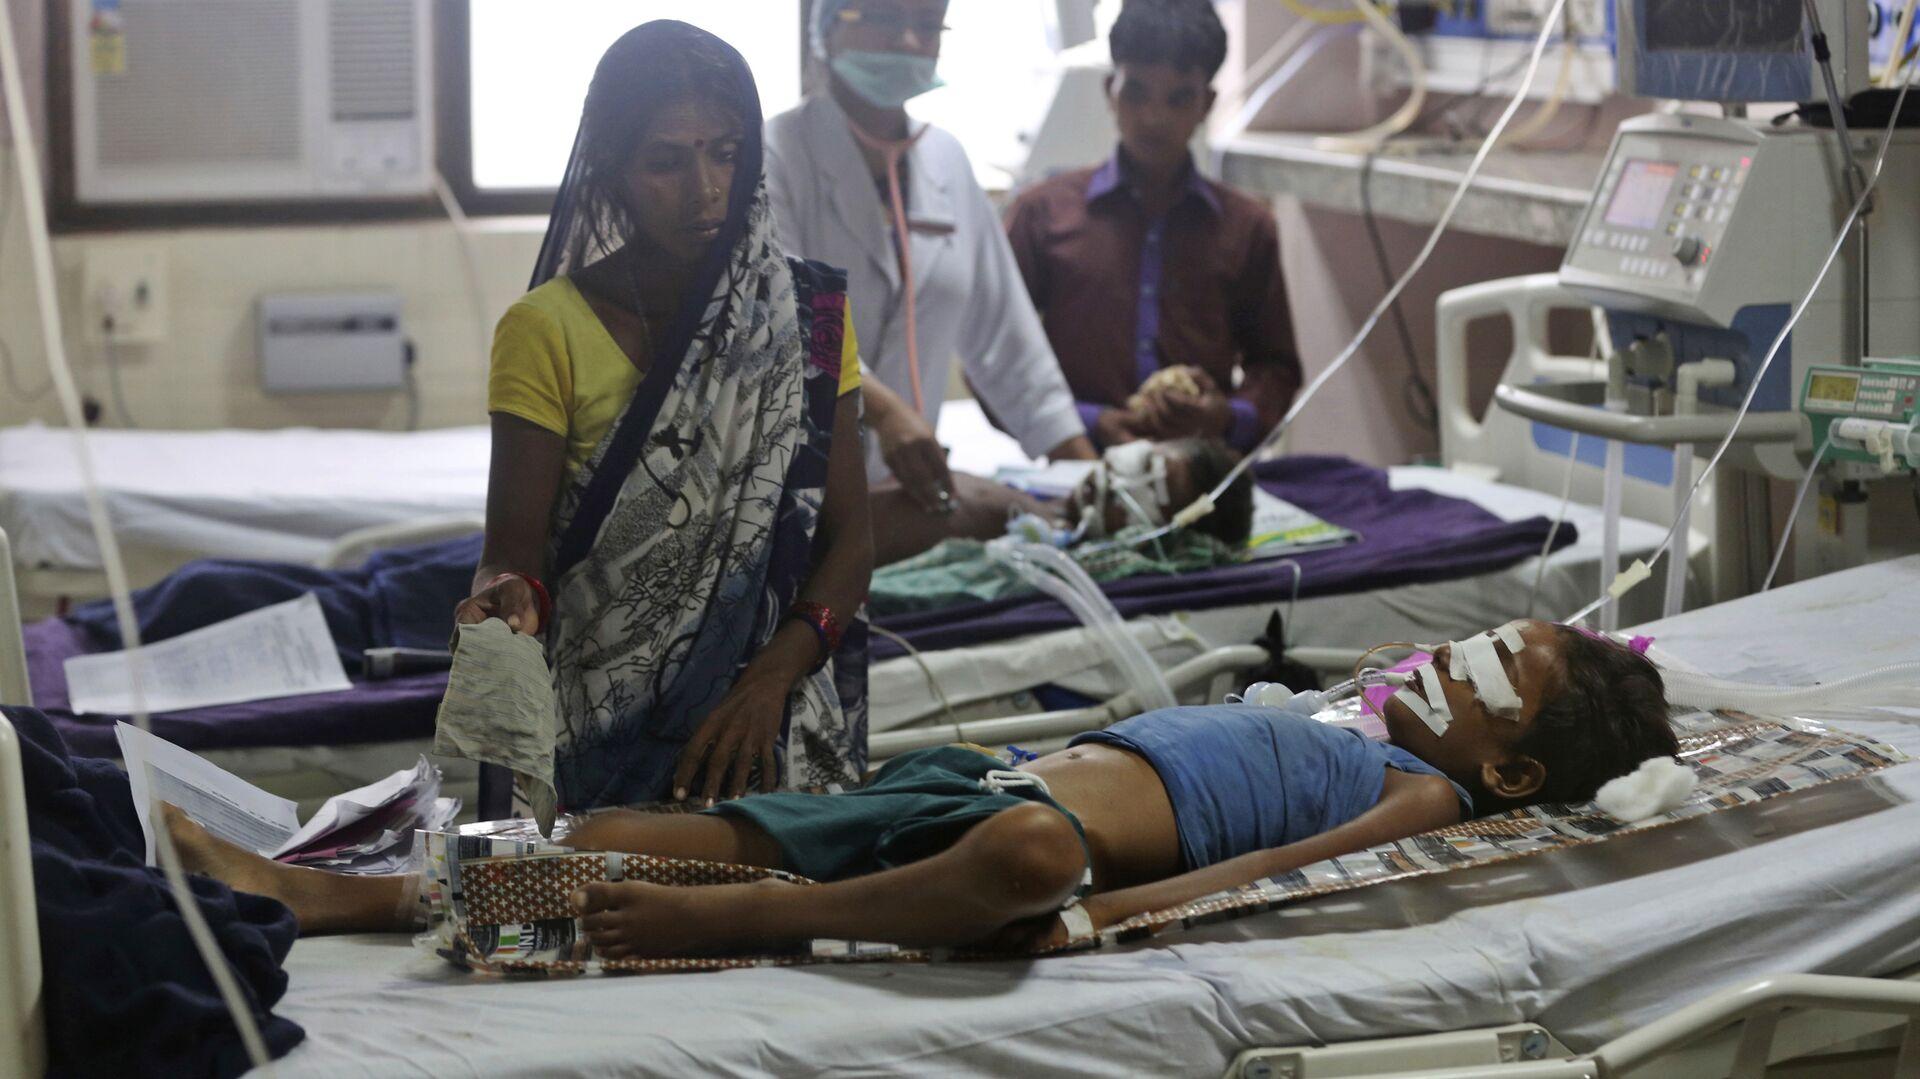 Пострадавшие дети в больнице Баба Рагхав в индийском штате Уттар-Прадеш. 13 августа 2017 - РИА Новости, 1920, 09.01.2021